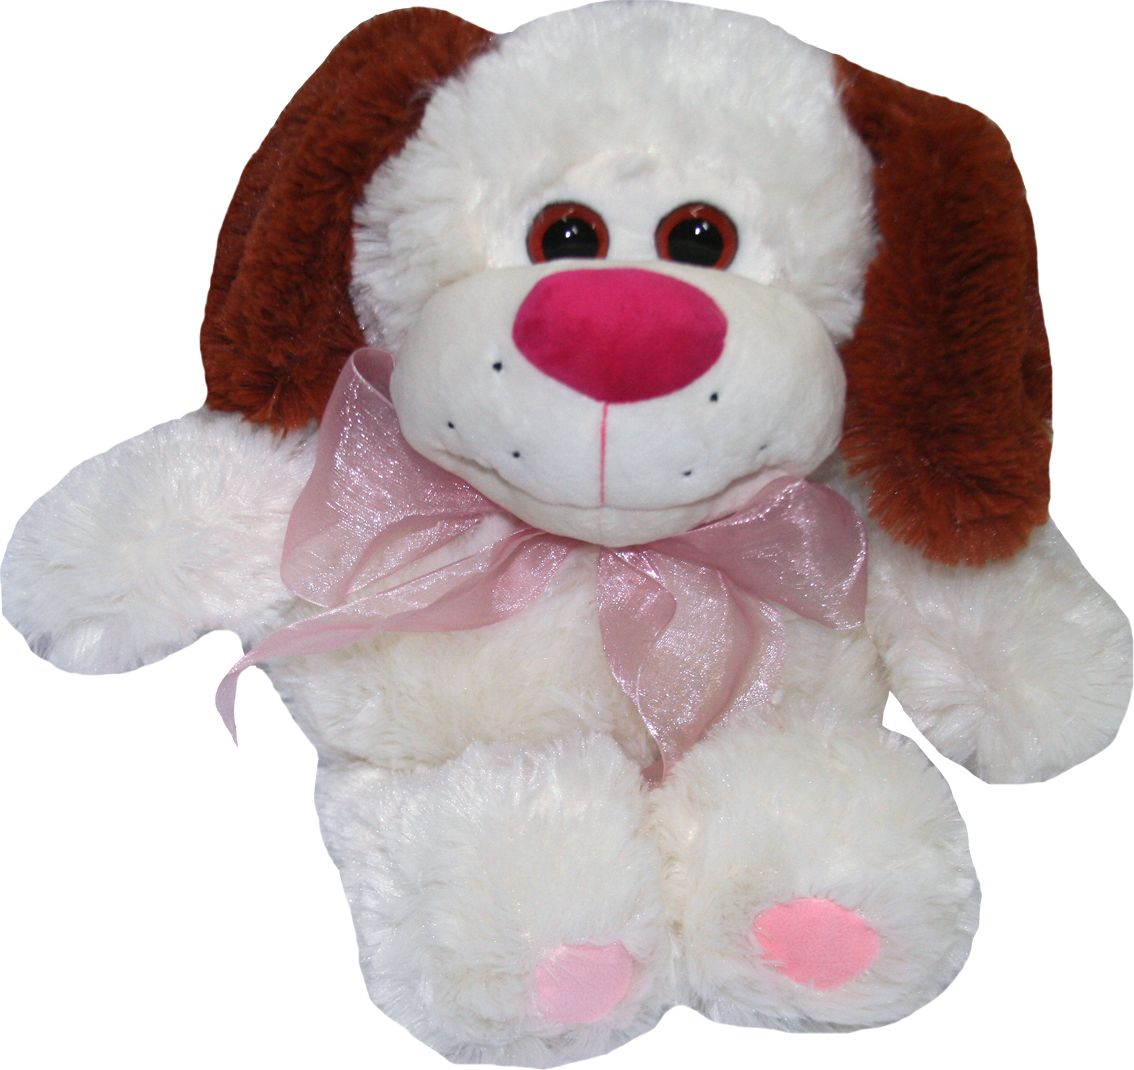 СмолТойс Мягкая игрушка Собачка 45 см 1889/МЛ/45 игрушка антистресс смолтойс миша 45 см